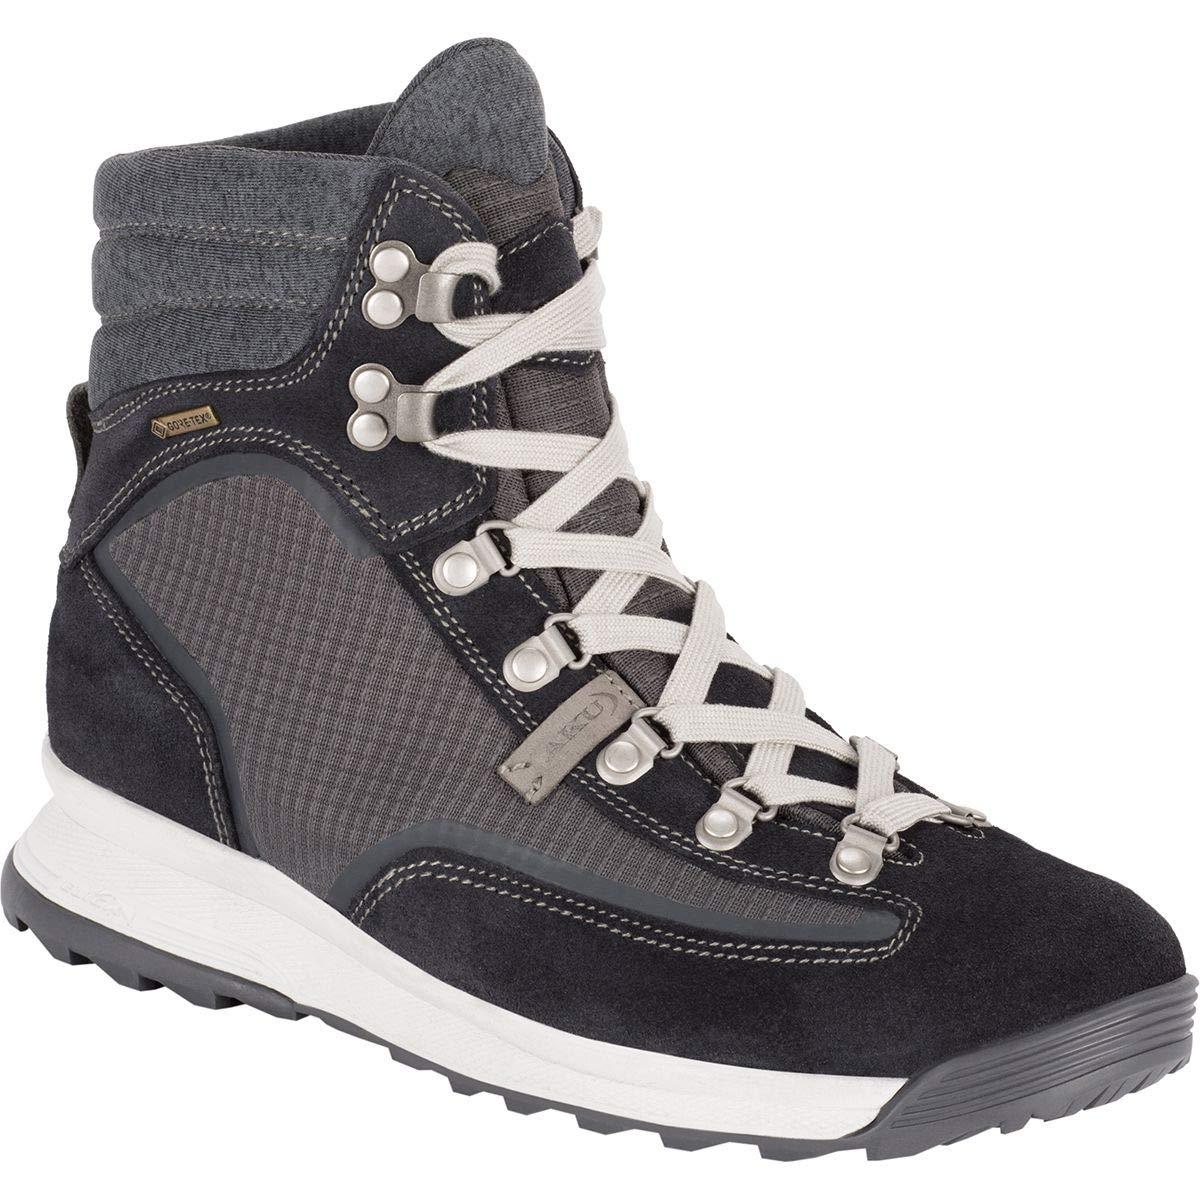 AKU Damen Riva High GTX Schuhe Schuhe Schuhe 00ec35